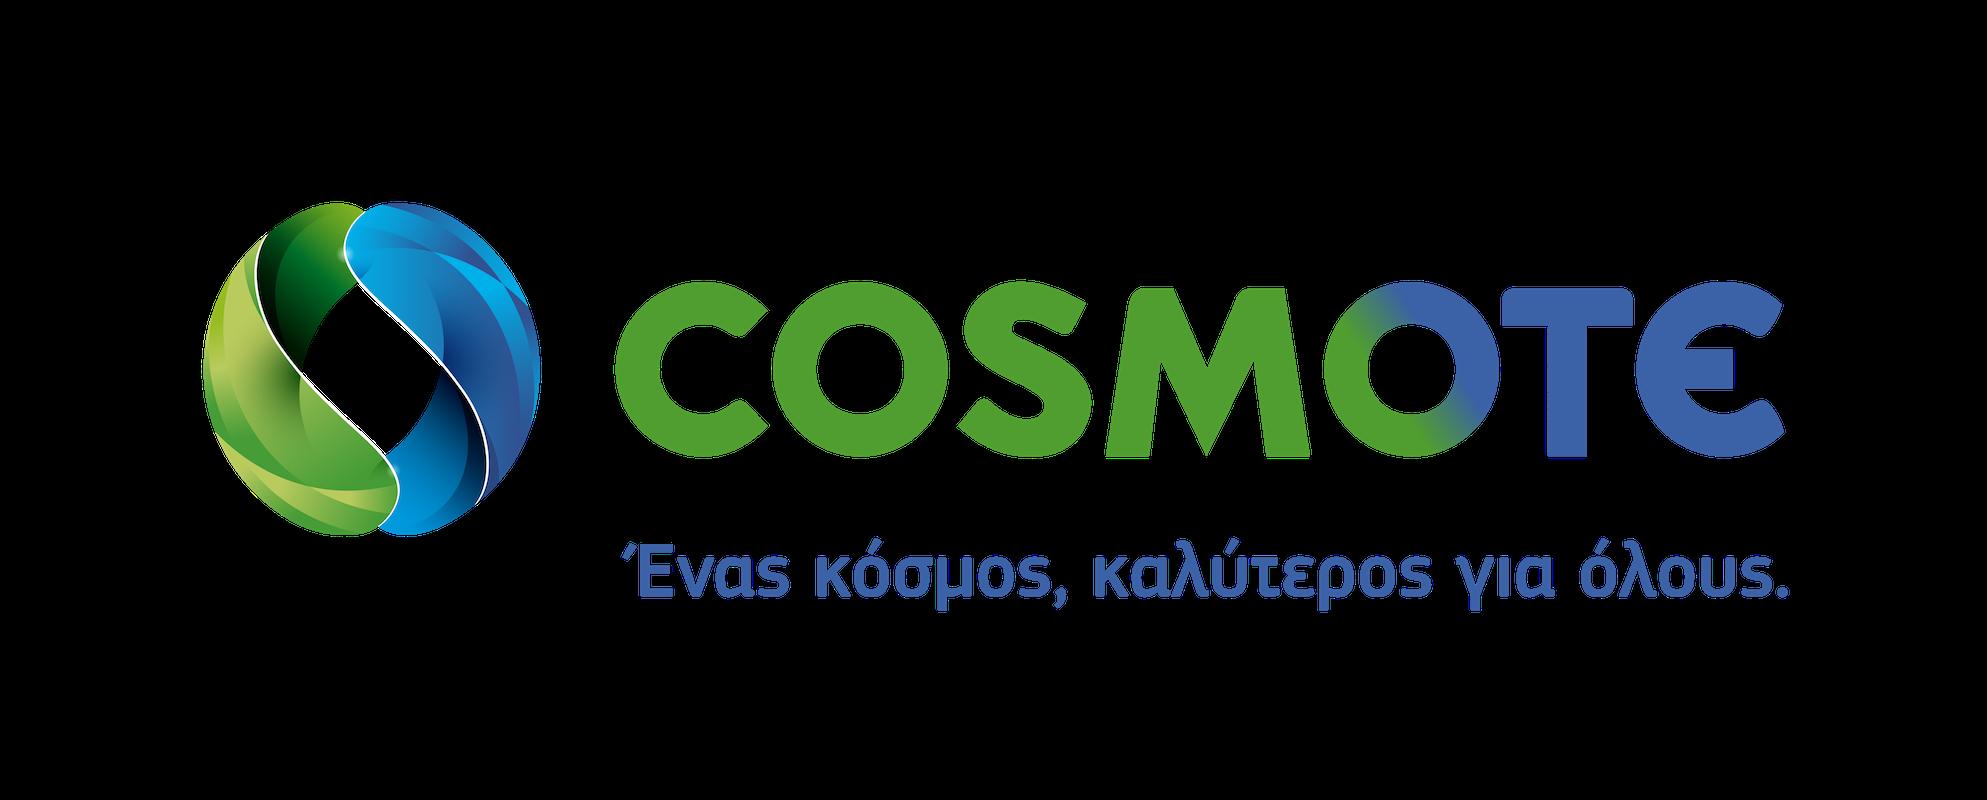 COSMOTE logo kalyteros kosmos